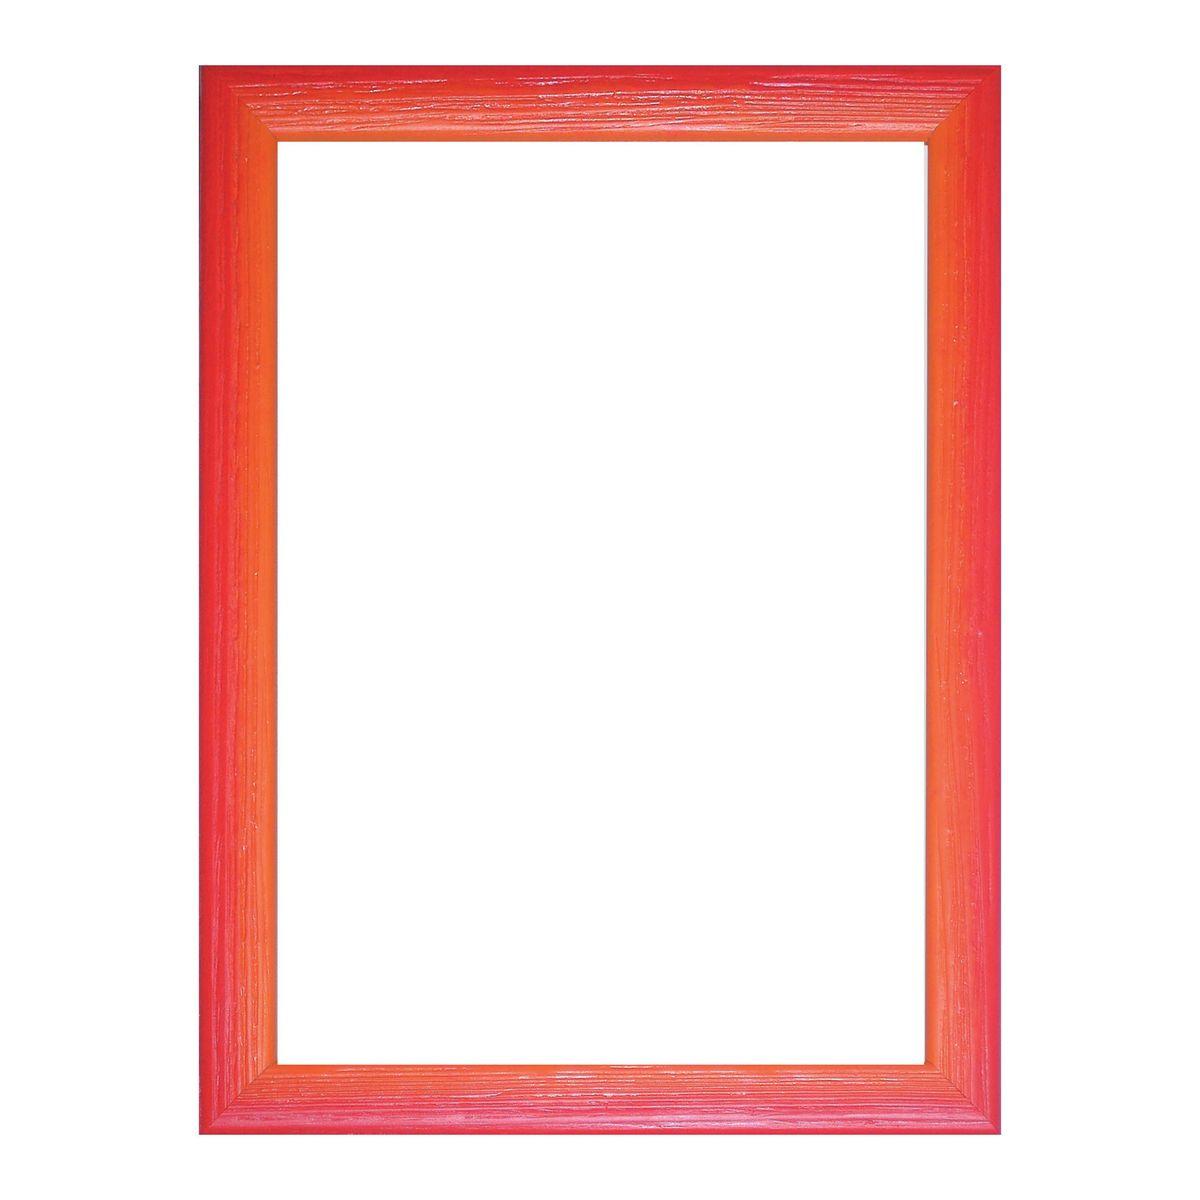 Cornice bicolor rosso 30 x 40 cm prezzi e offerte online for Erba sintetica prezzi leroy merlin